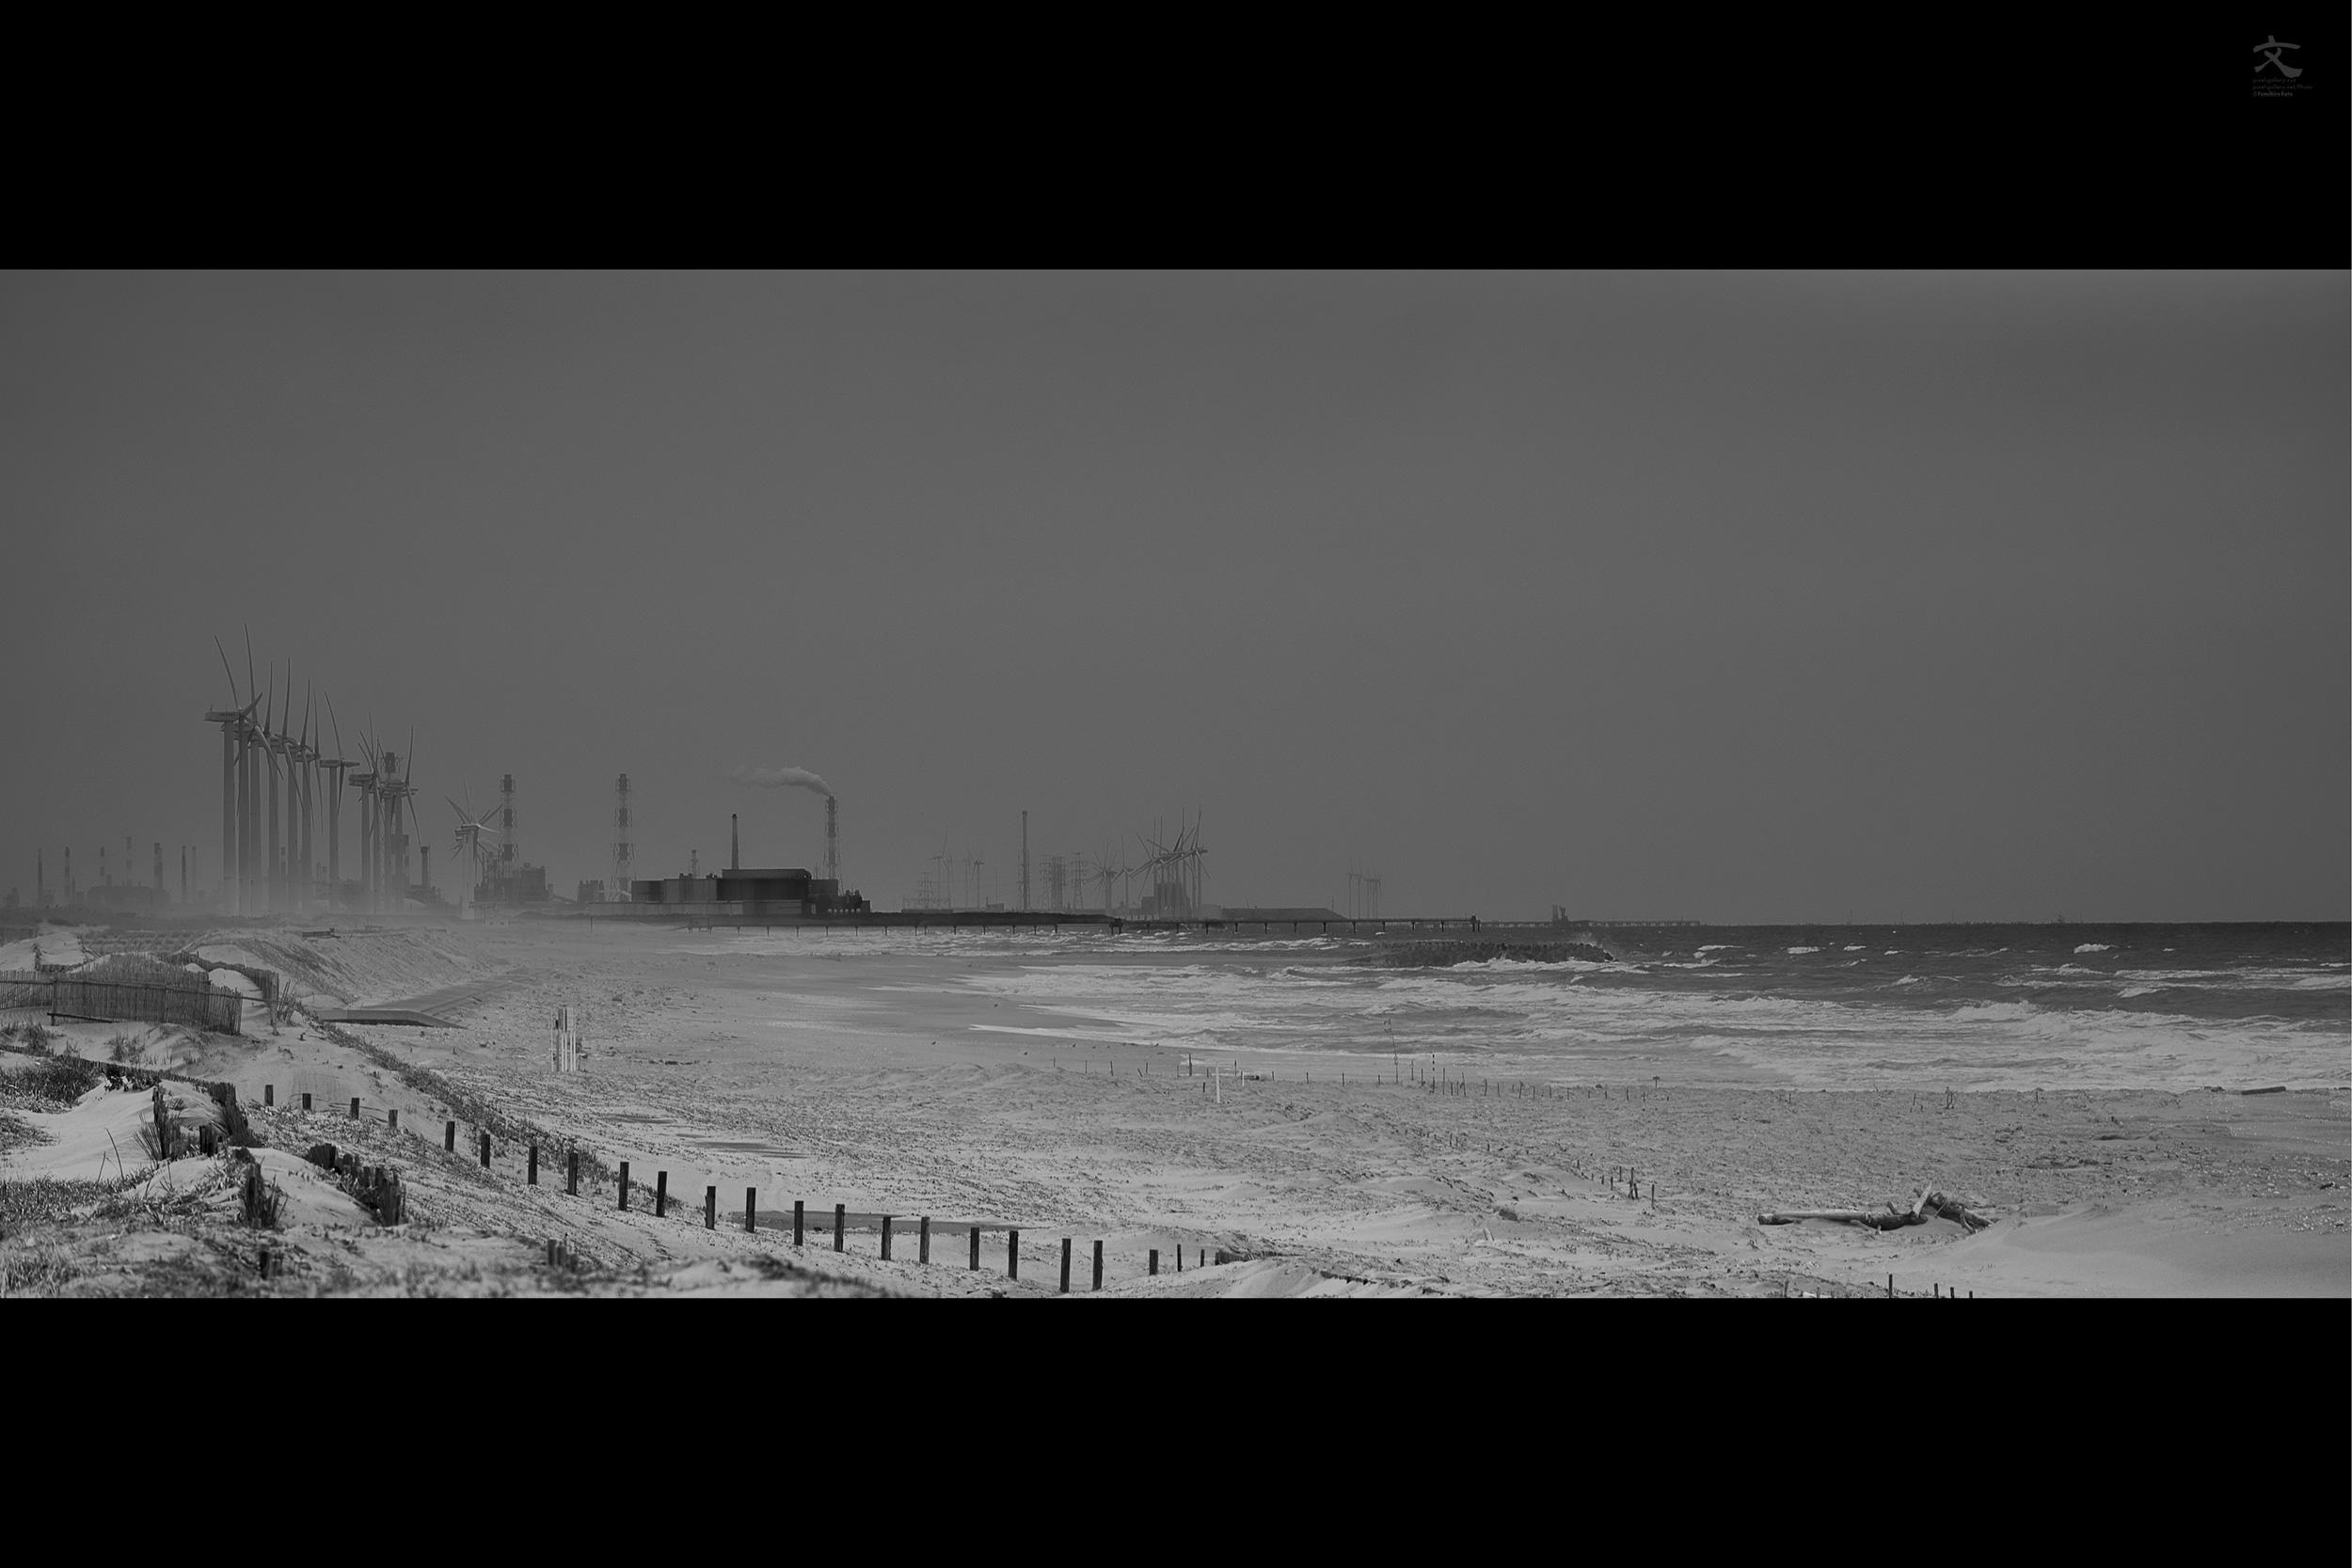 海景 風に語る 20170331_4252 Kashimanada